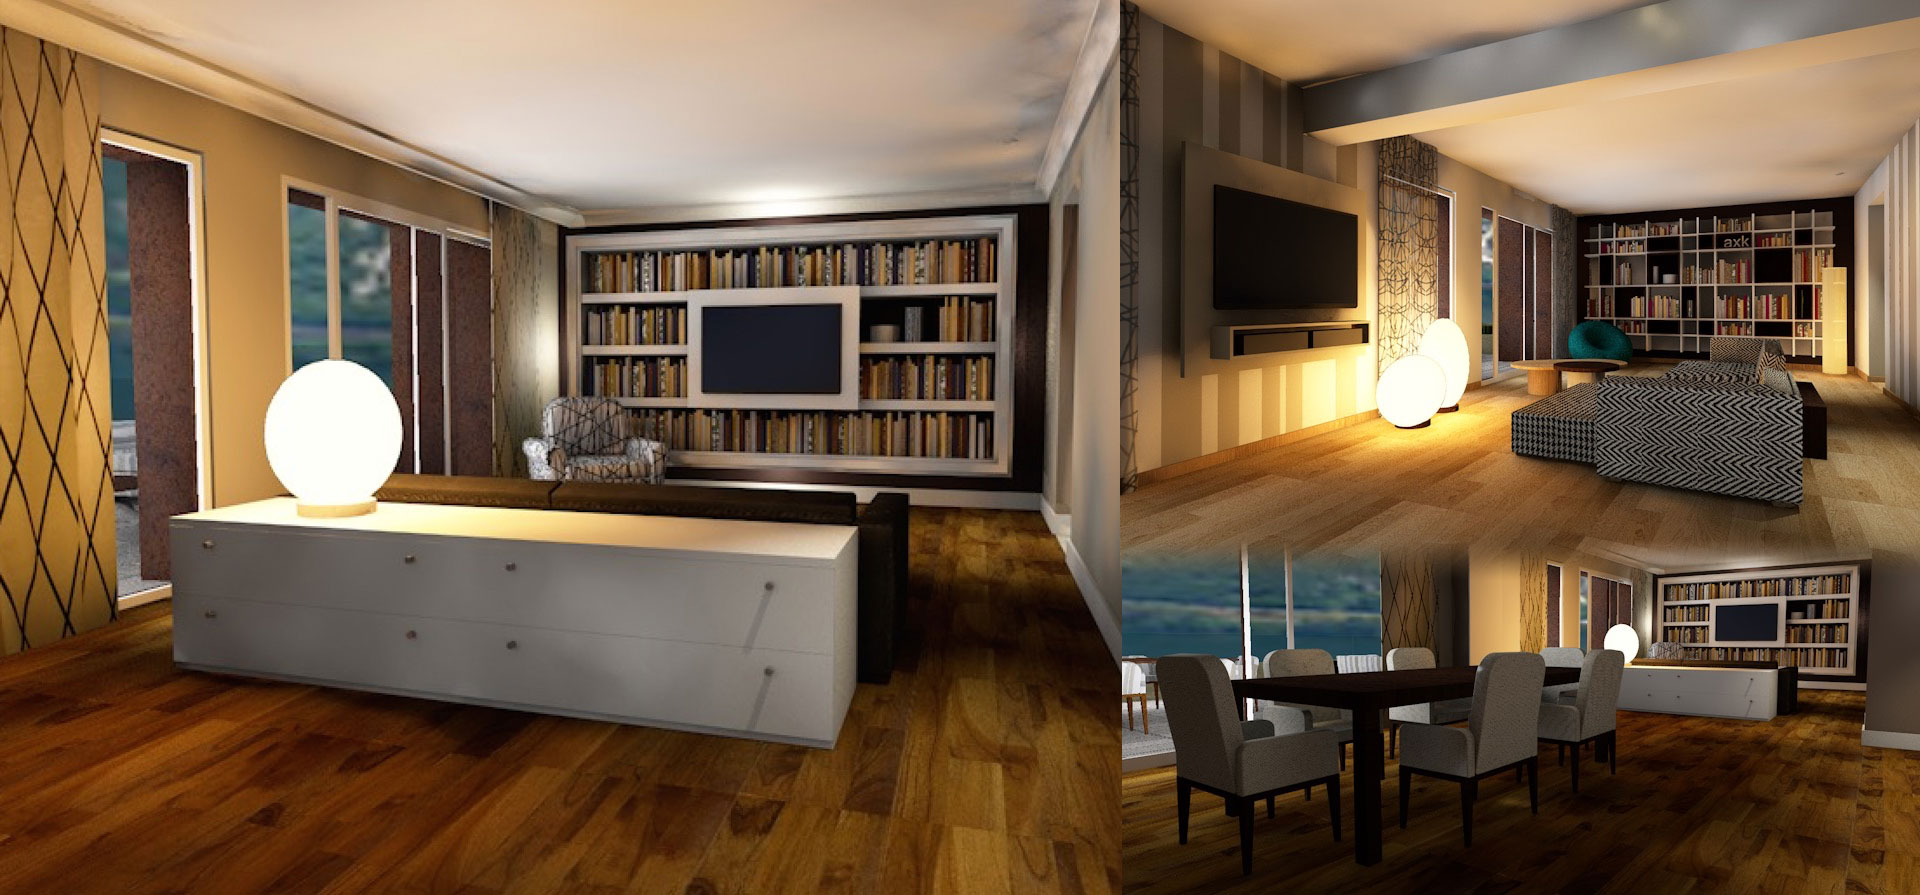 Servizi per l arredamento di interni maison du charme for Designer d interni